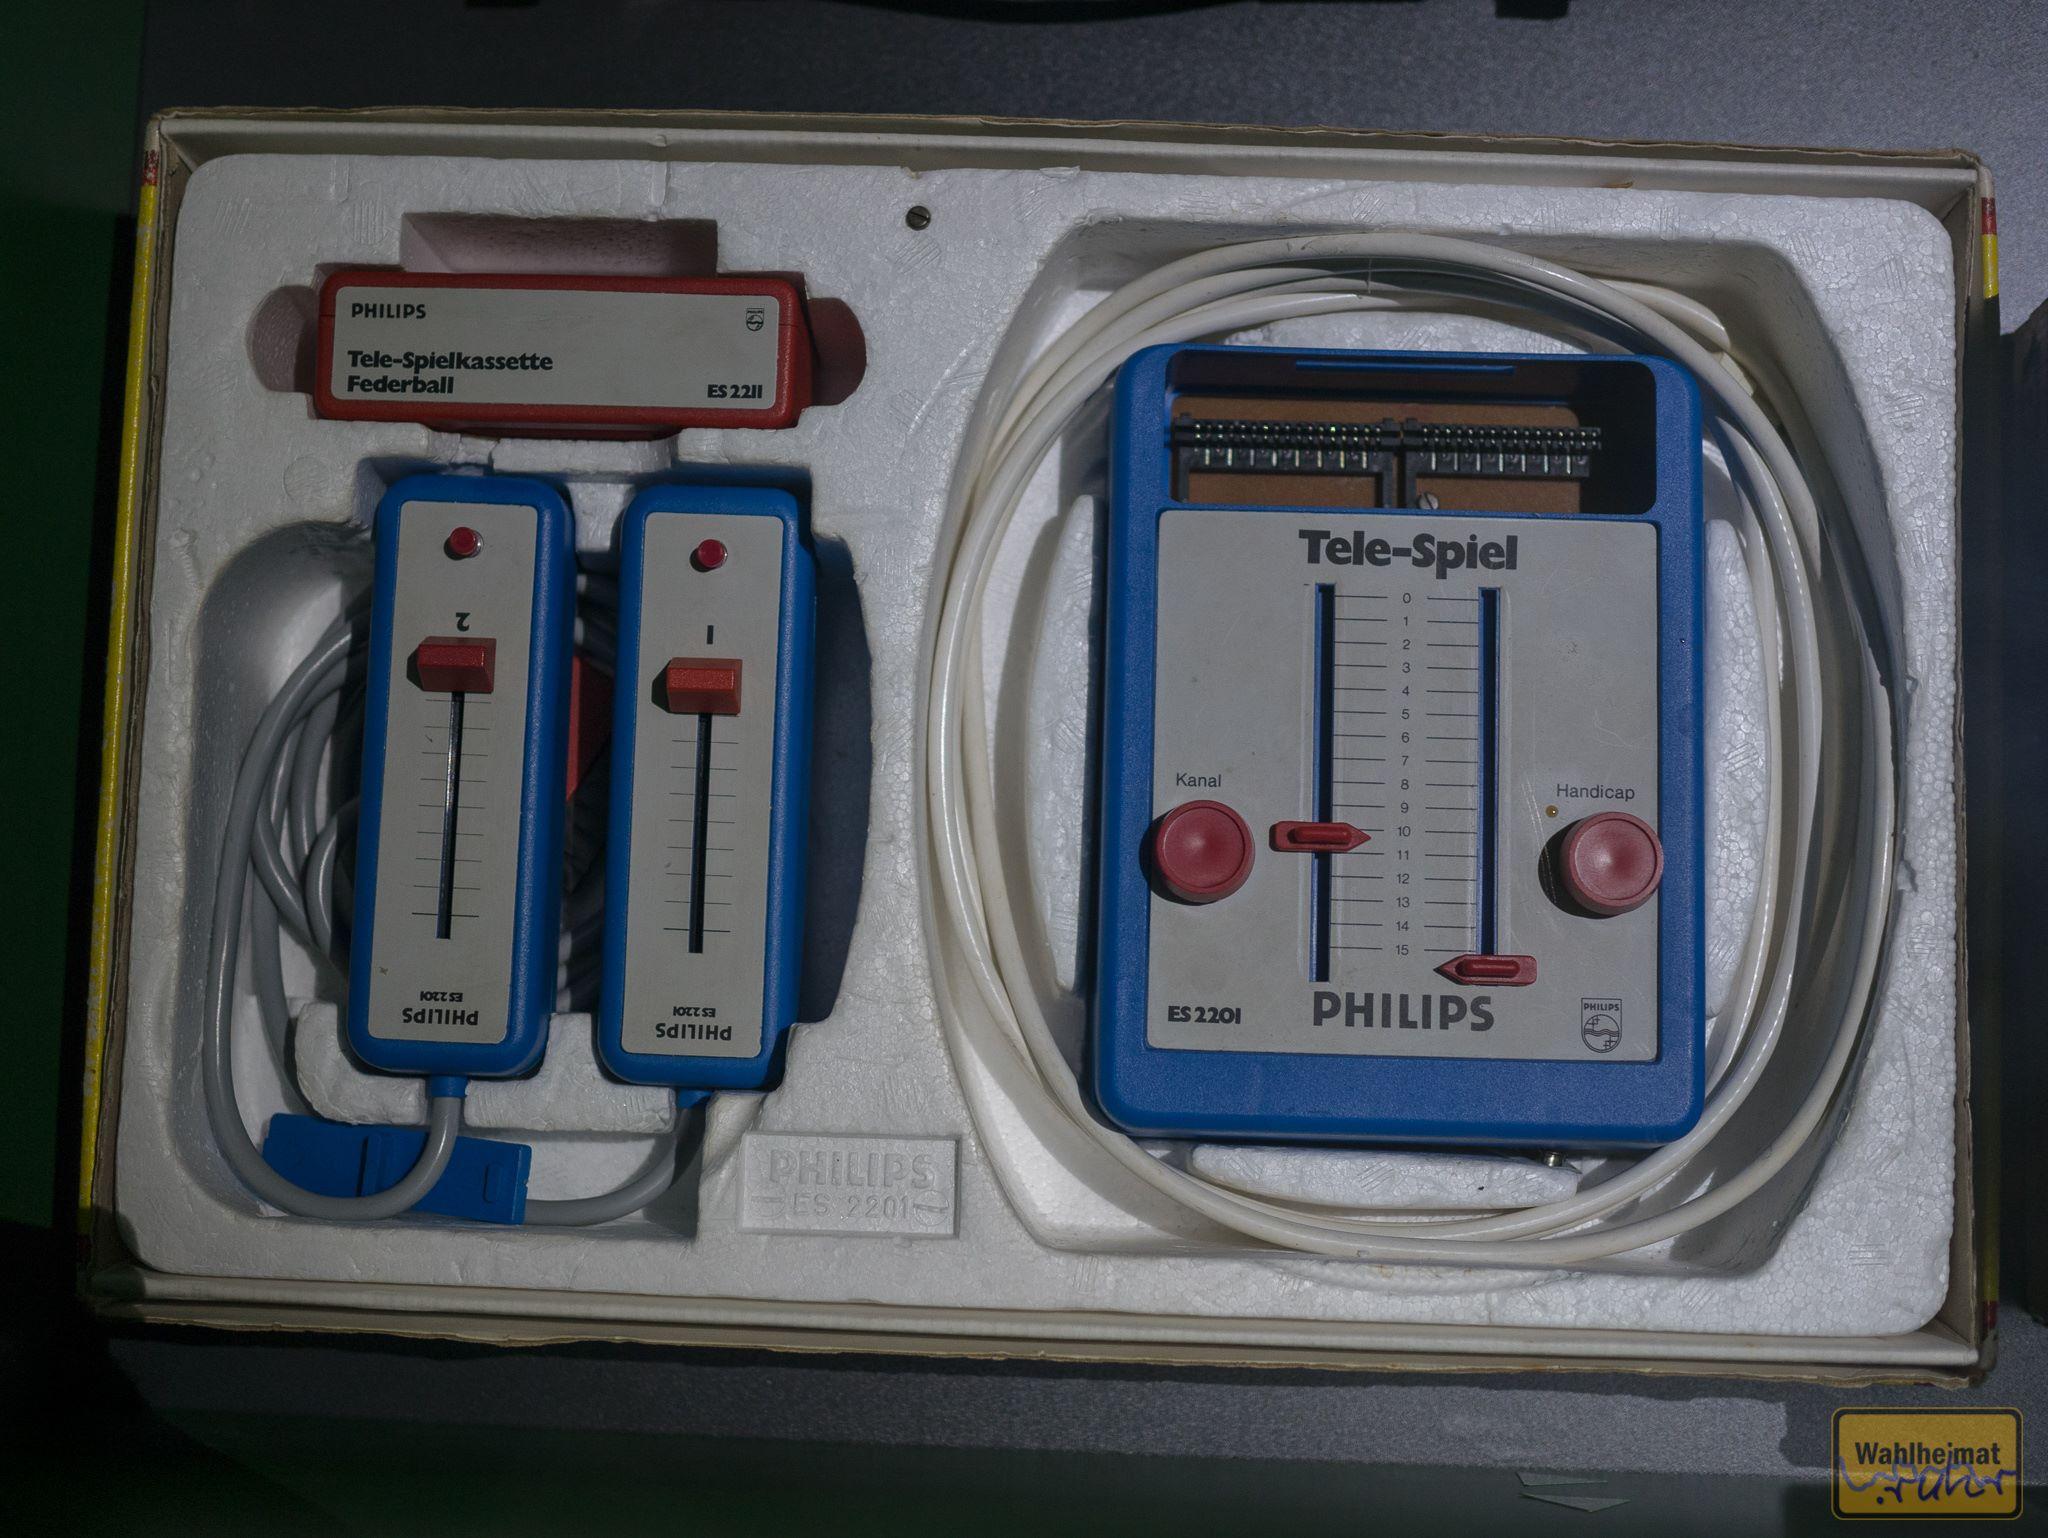 Philips Tele-Spiel. Ganz schön retro!